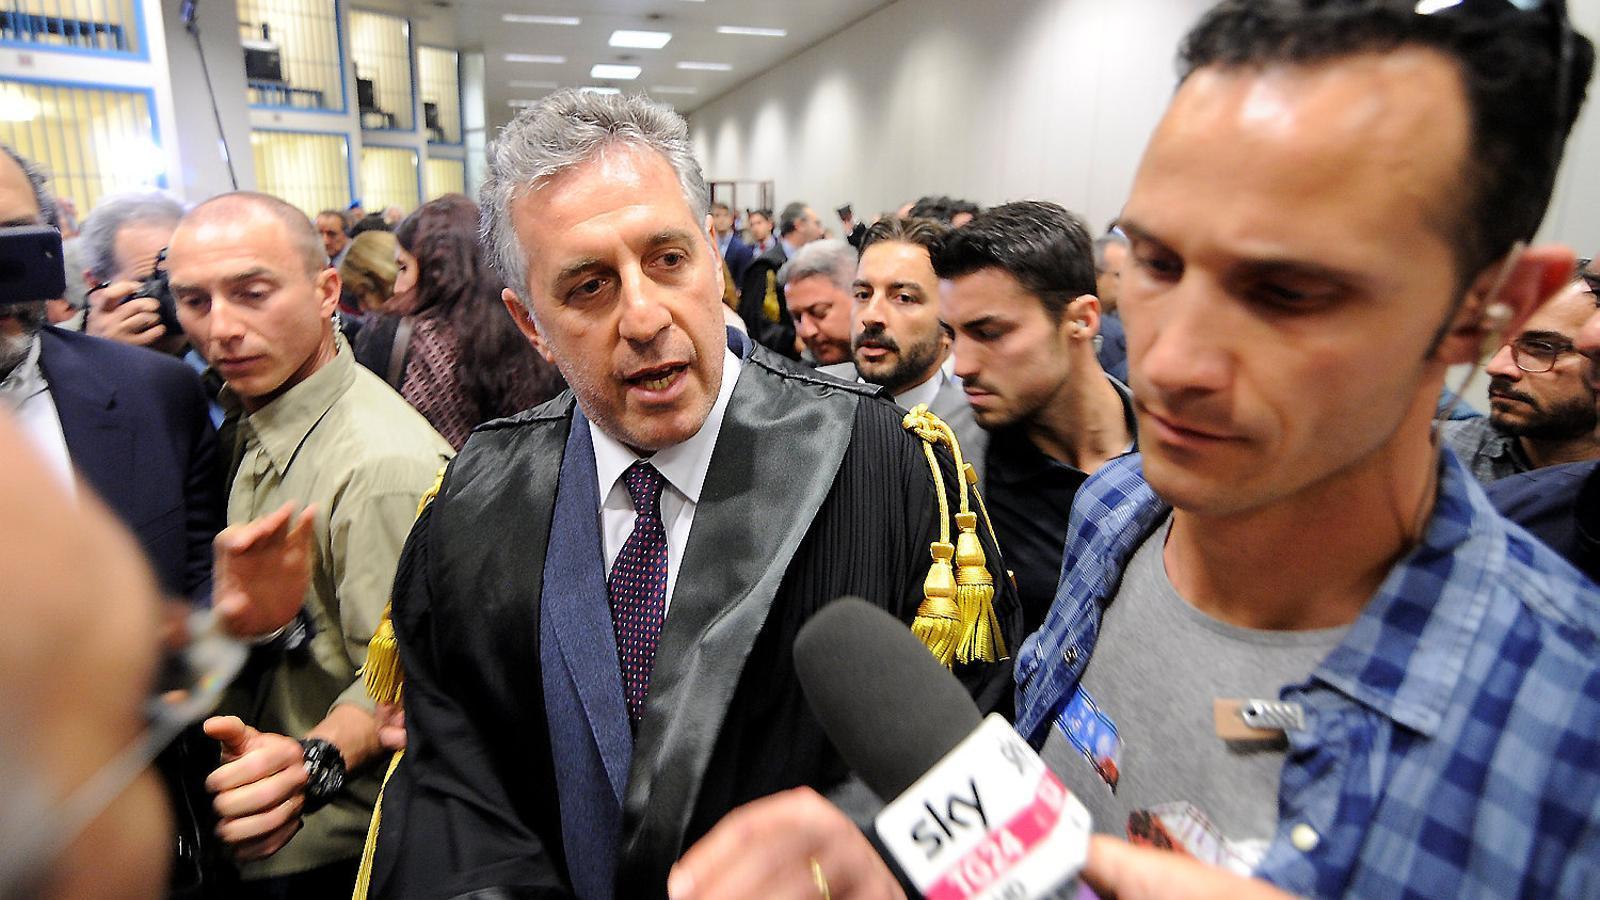 Un tribunal sentencia que l'estat italià va pactar amb la Cosa Nostra